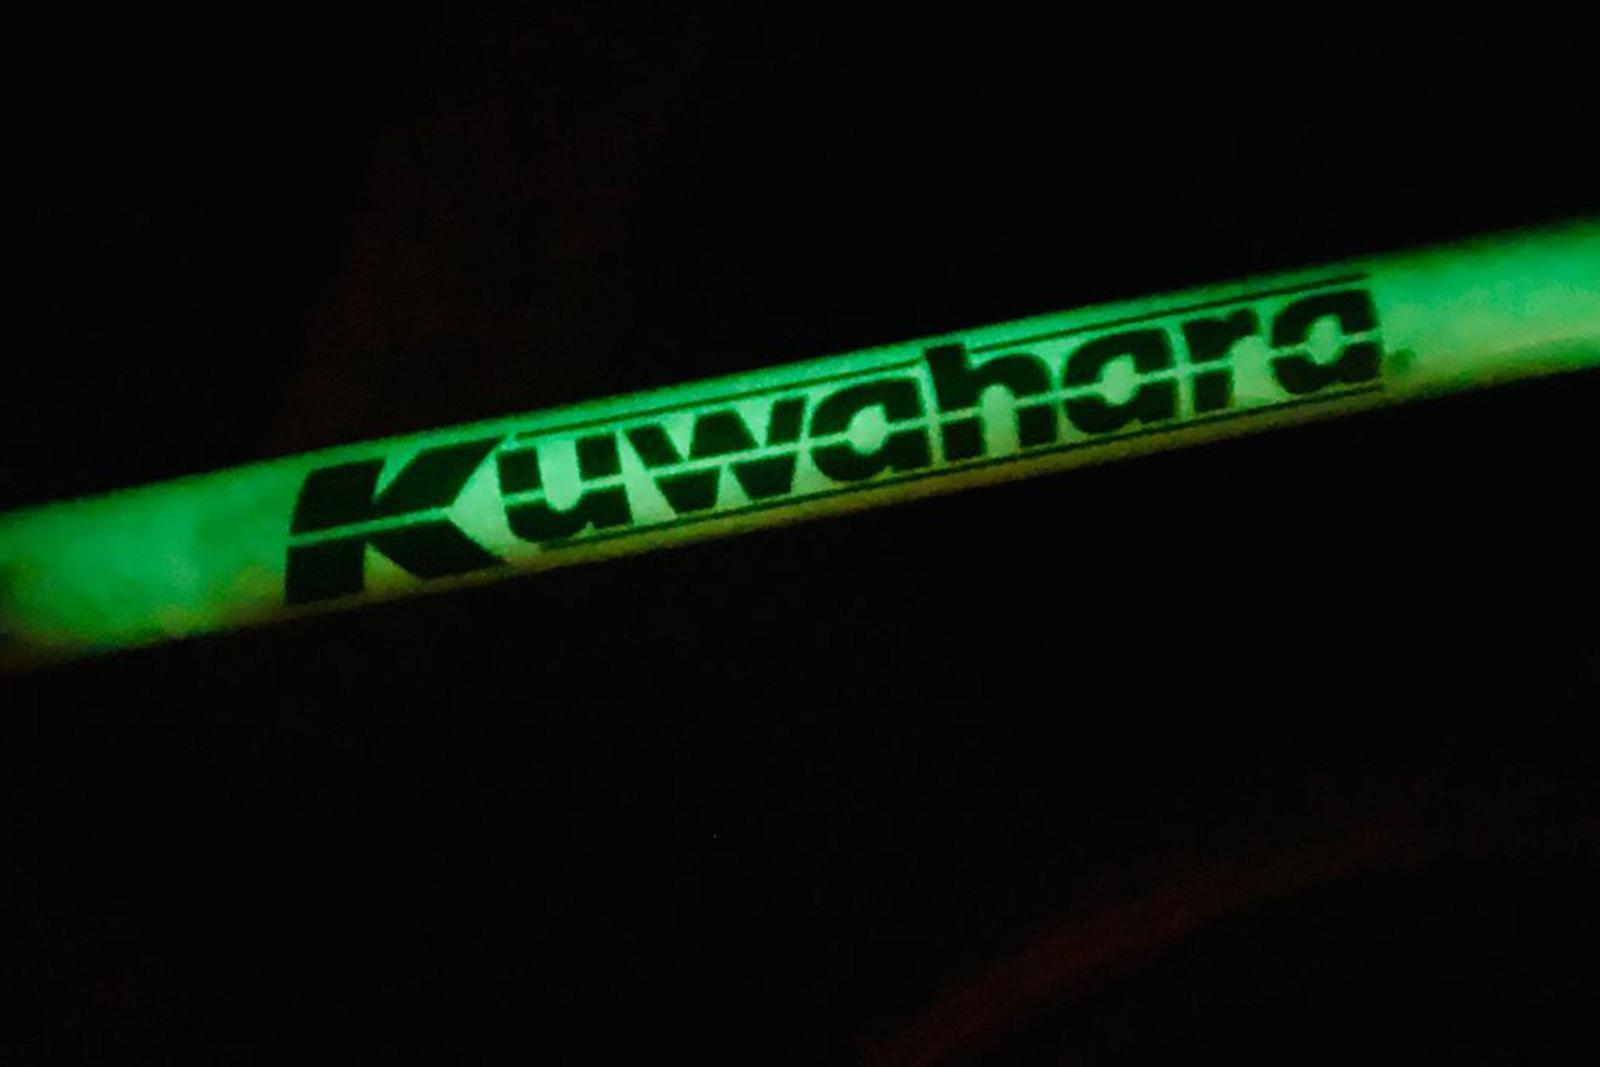 1986 Kuwahara Bravo KT Glow In The Dark Vintage Freestyle BMX